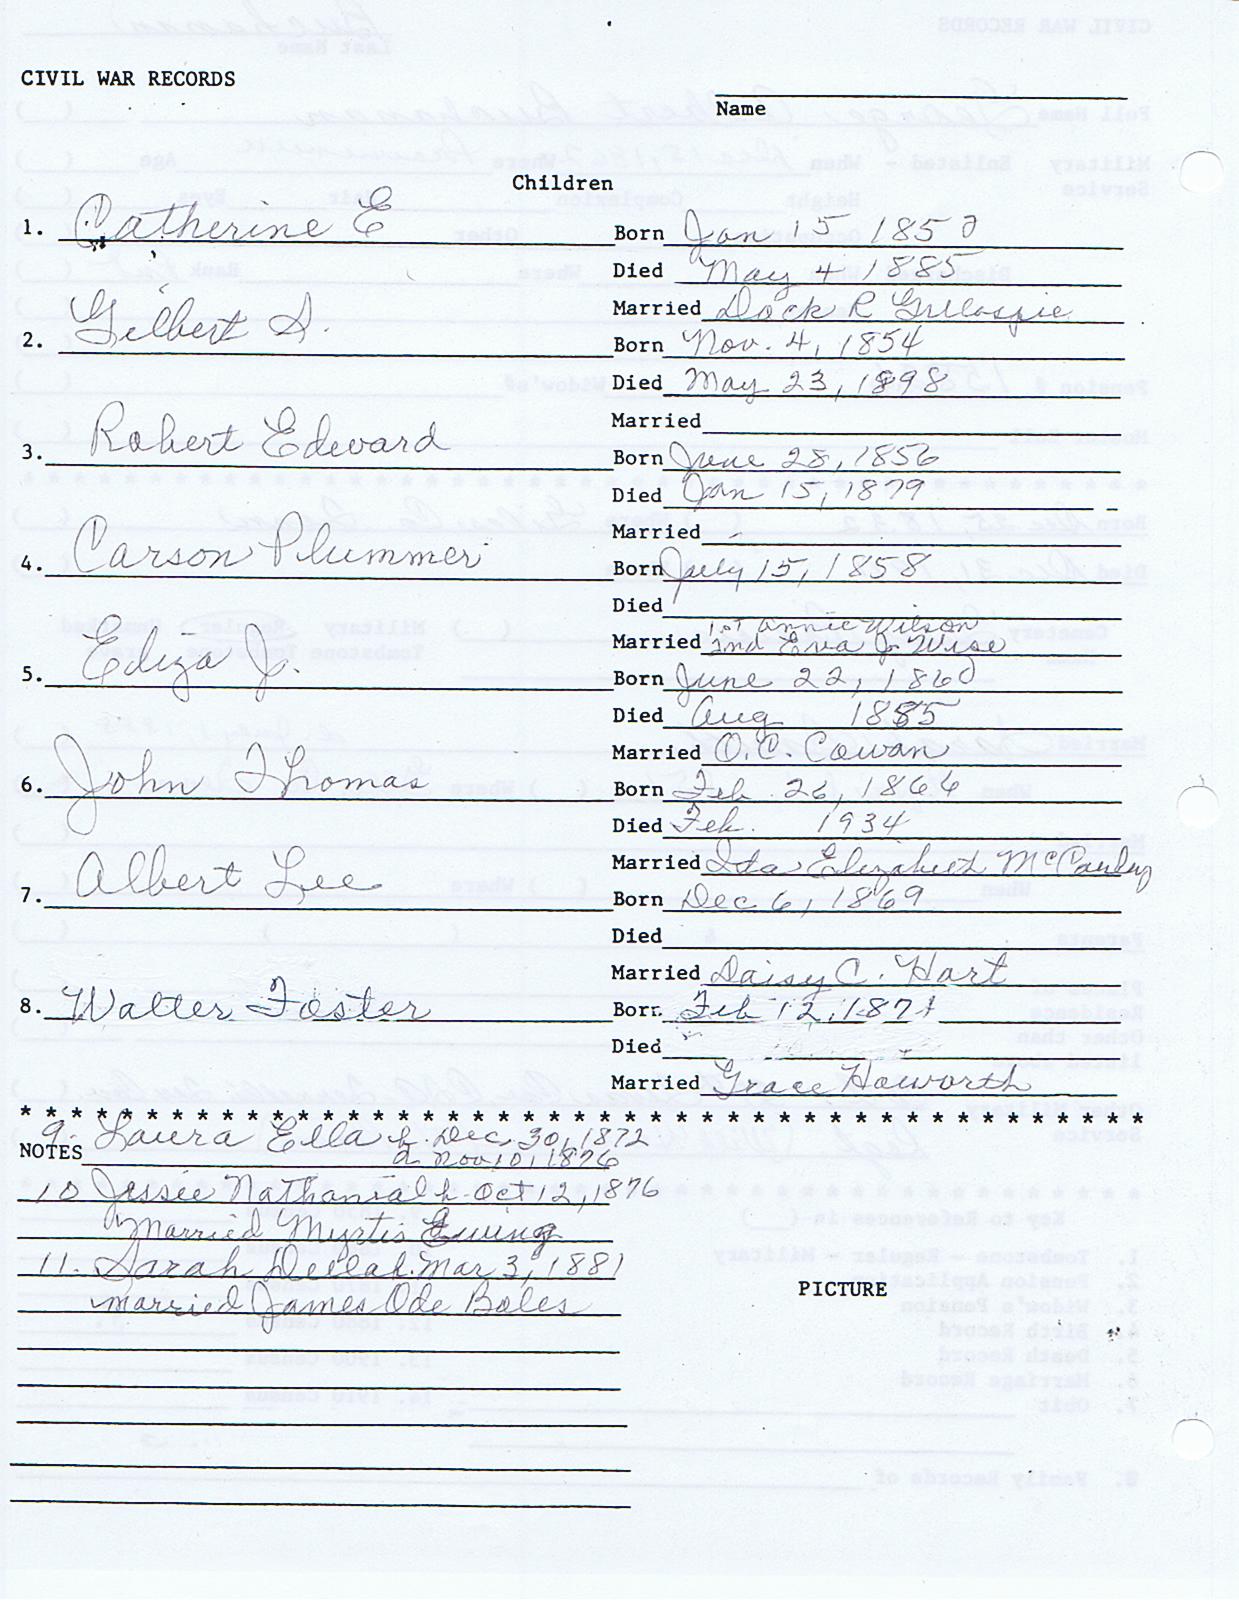 buchanan-kaufman_civil_war_records-3509a